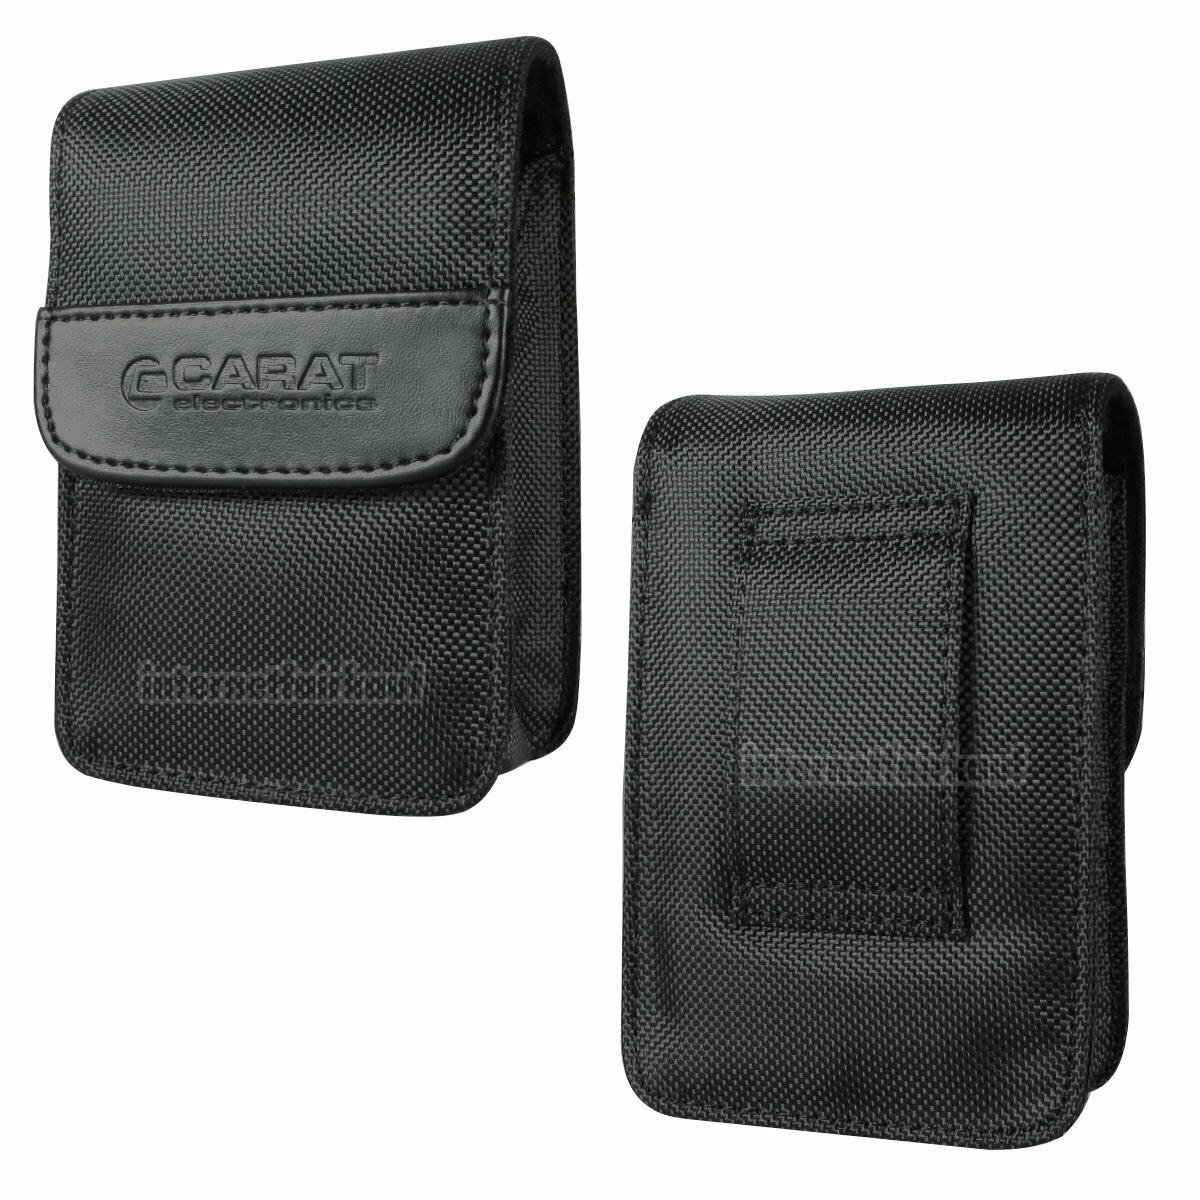 Tasche Kameratasche passend für Nikon Coolpix S30 S31 S3300 - Etui